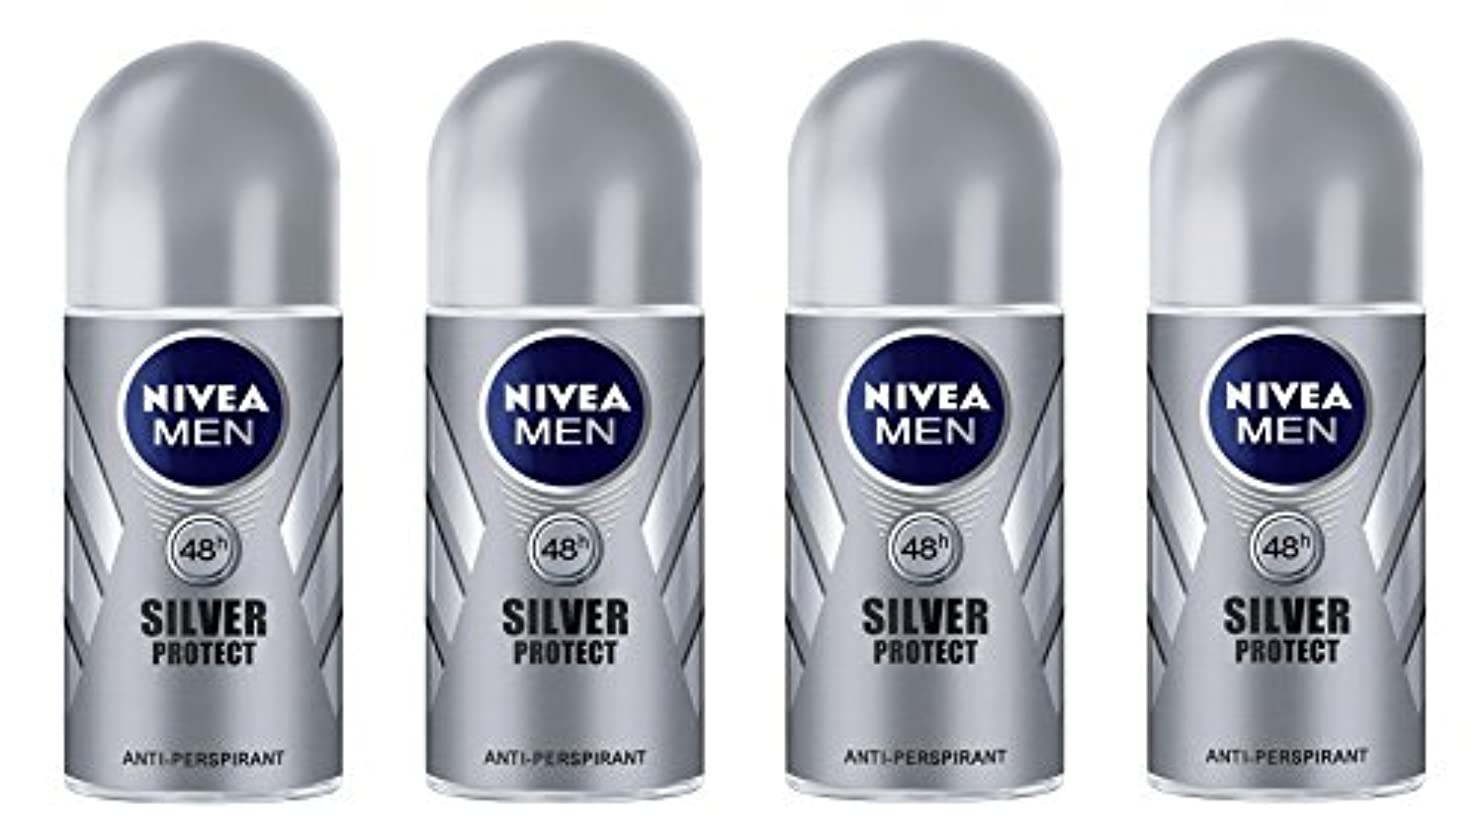 対称キャンパス固執(Pack of 4) Nivea Silver Protect Anti-perspirant Deodorant Roll On for Men 4x50ml - (4パック) ニベア銀保護する制汗剤デオドラントロールオン...